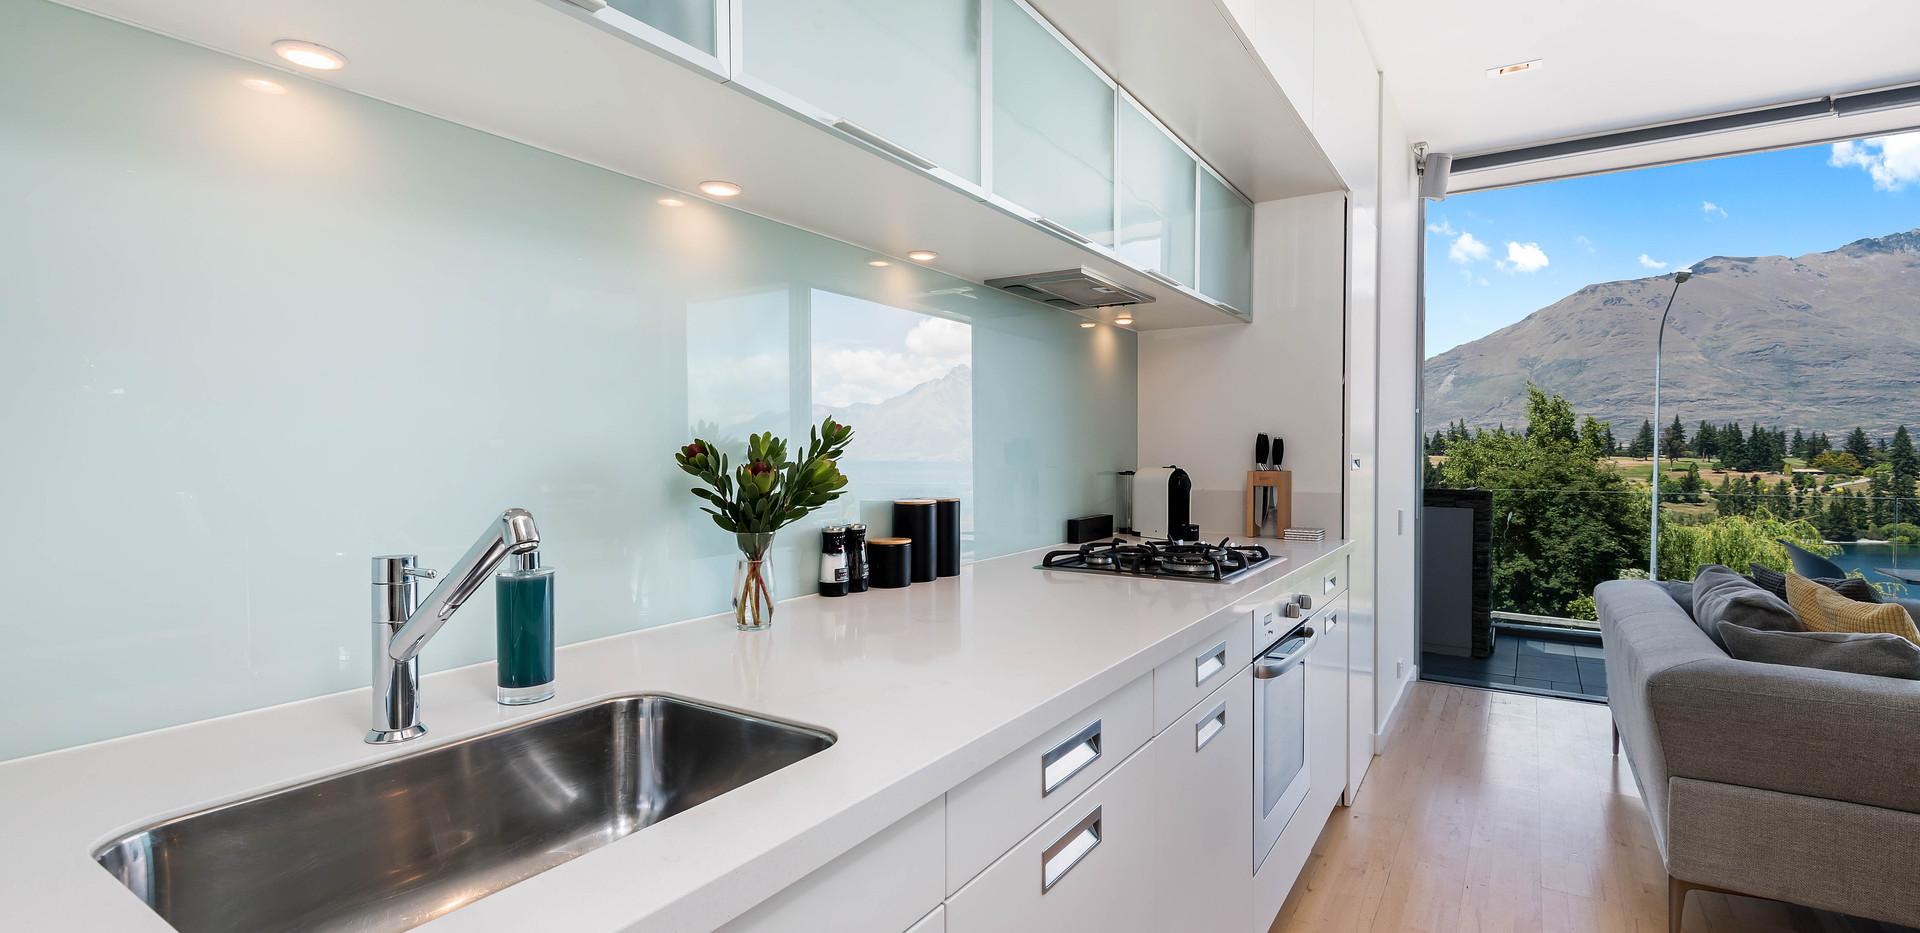 Holiday apartment kitchen, Queenstown Stays